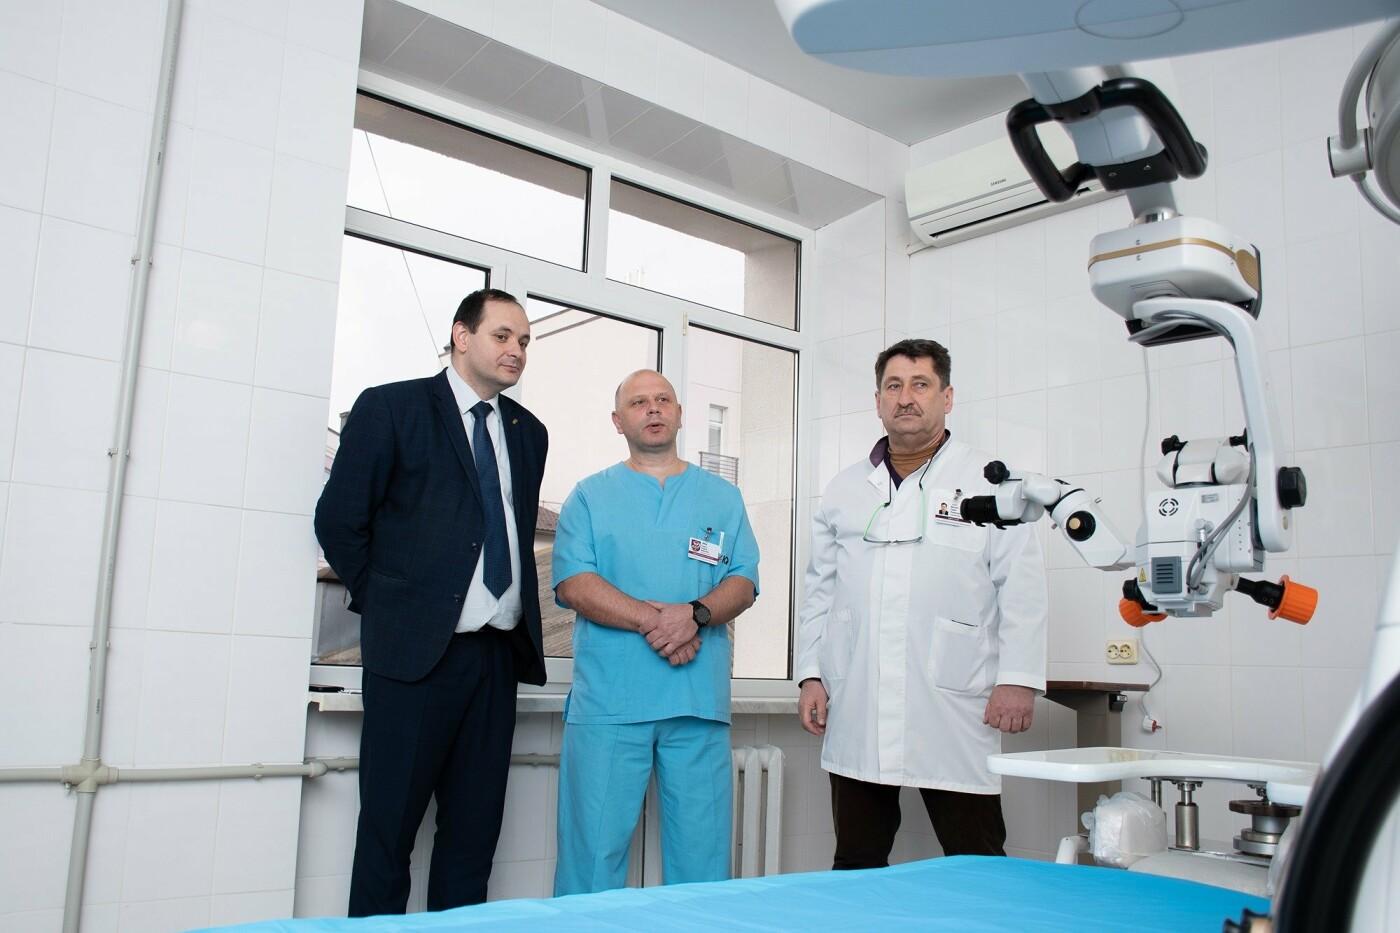 Сучасне обладнання для точних операцій на очах отримала міська лікарня (ФОТО), фото-2